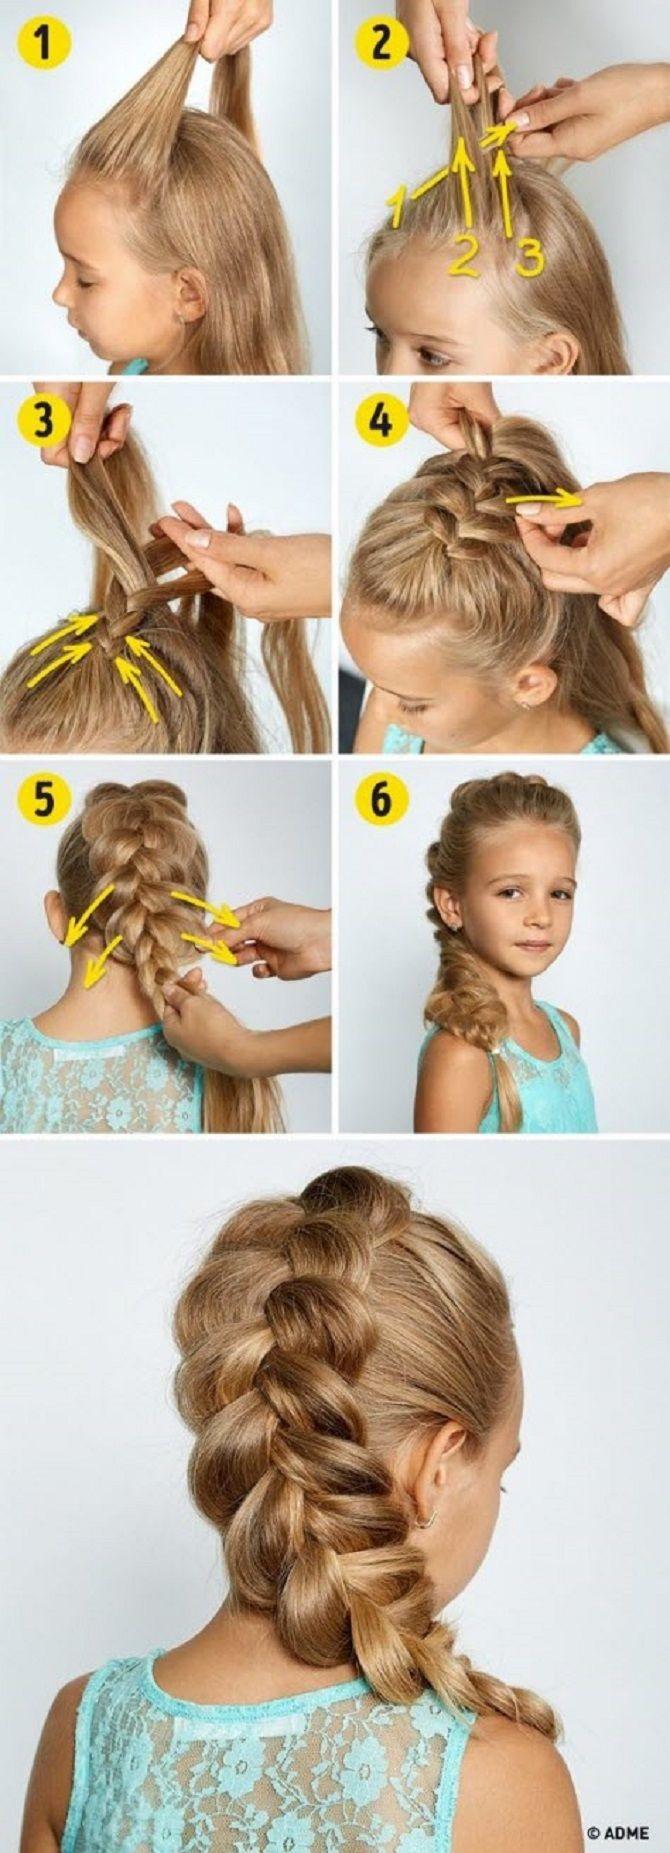 Легкі та чарівні зачіски для дівчаток в школу: лайфхаки, ідеї, поради 16